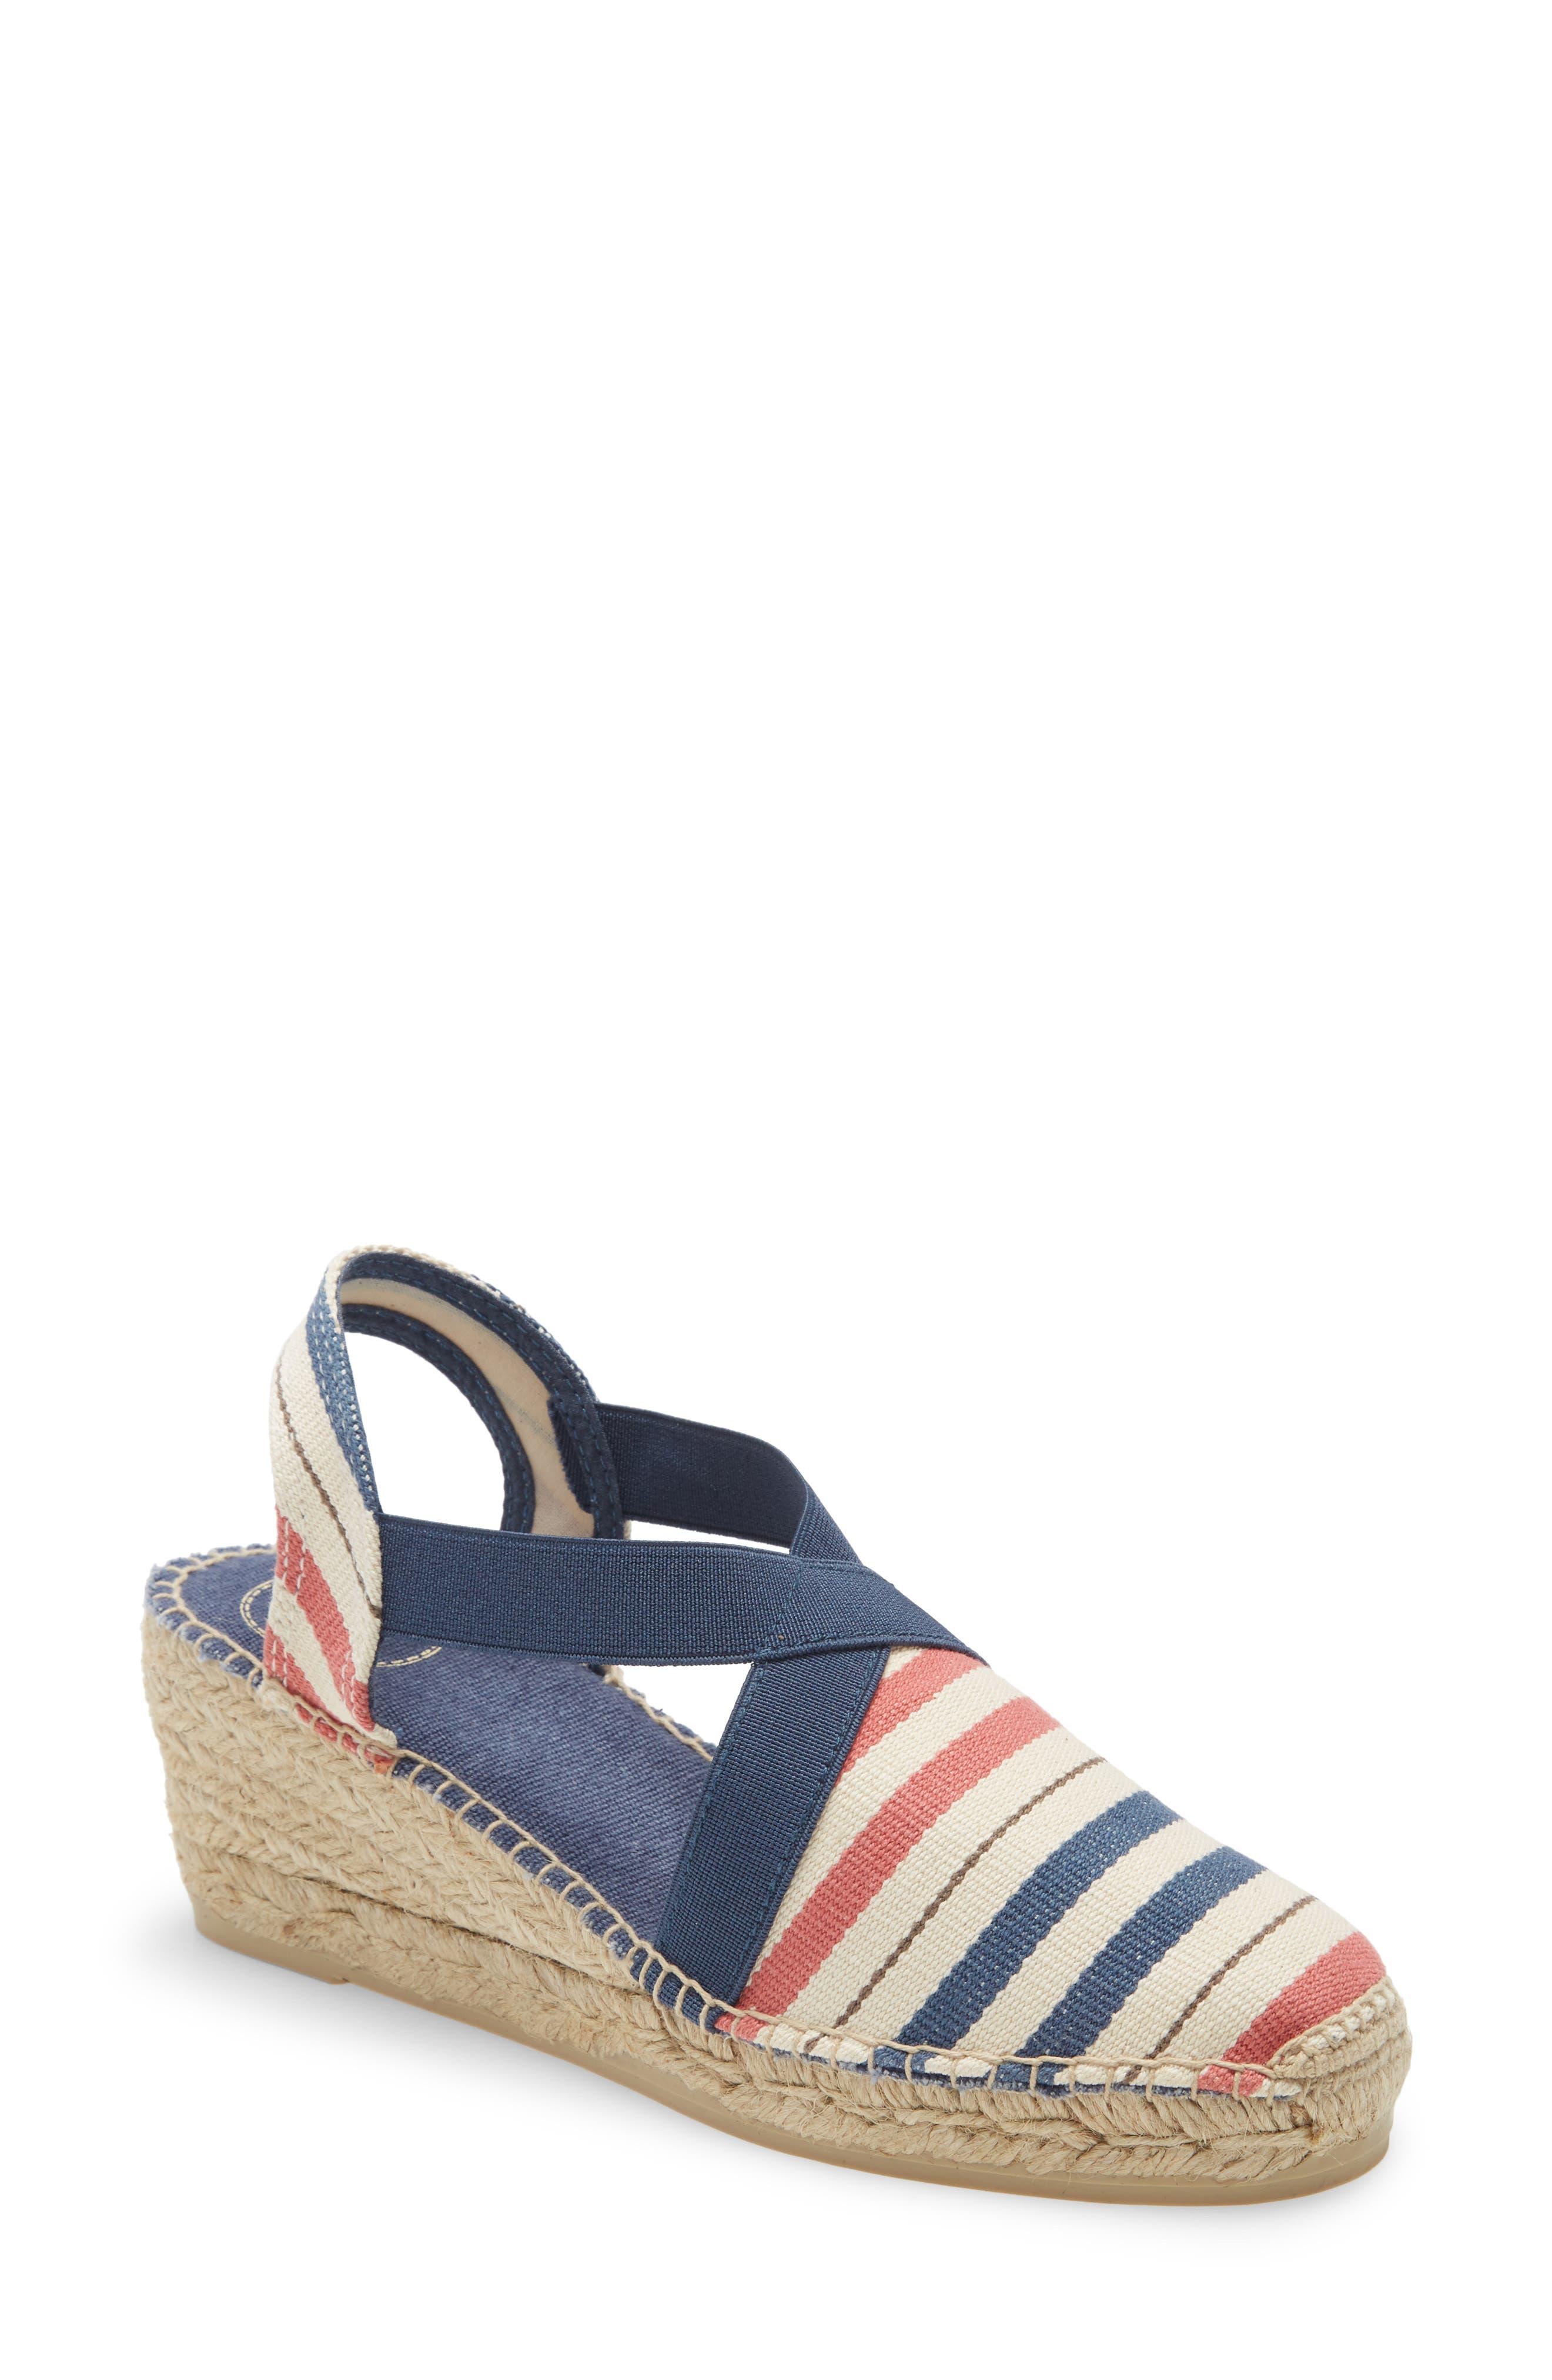 1930s Style Shoes – Art Deco Shoes Womens Toni Pons Tarbes Espadrille Wedge Sandal Size 11US  42EU - Blue $120.00 AT vintagedancer.com